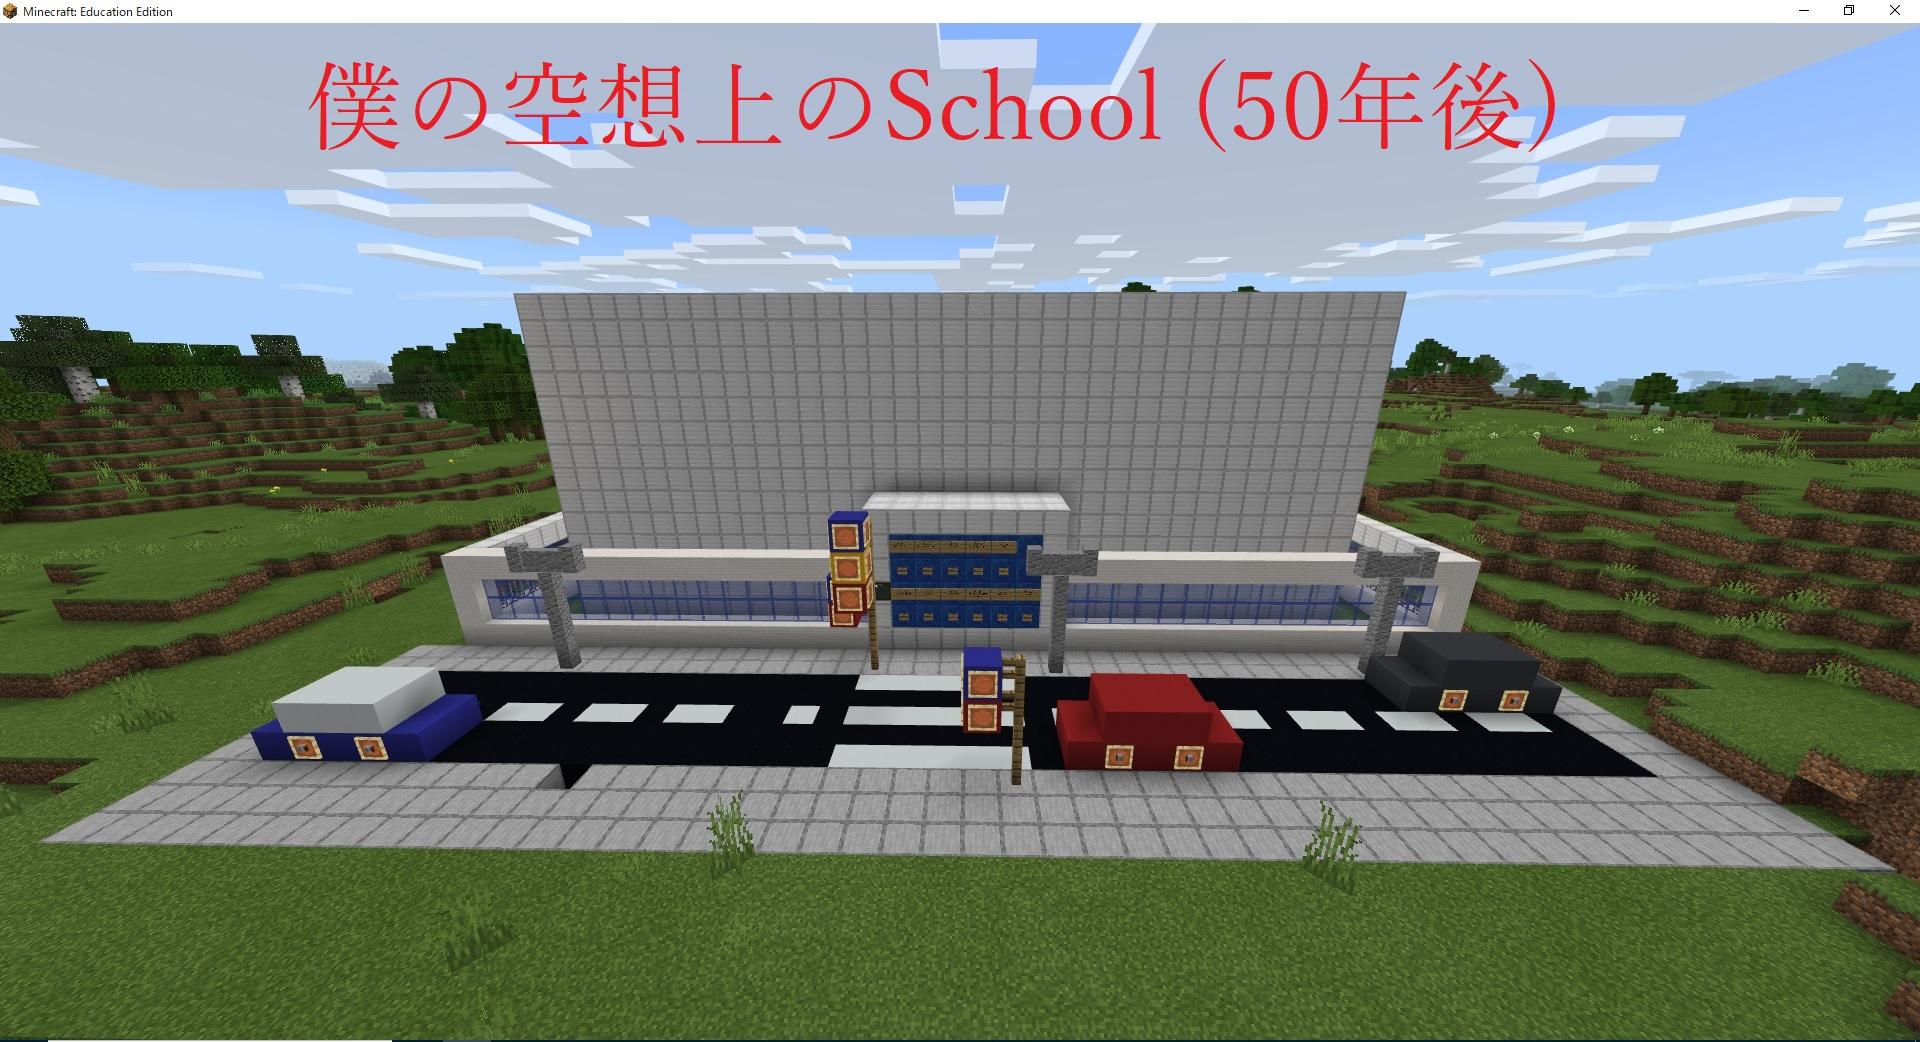 僕の空想上のSchool (50年後)